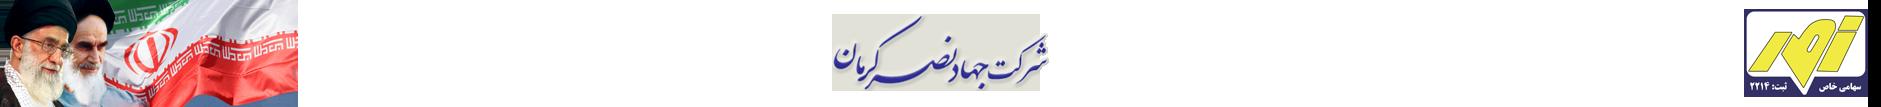 شرکت جهاد نصر کرمان لوگو